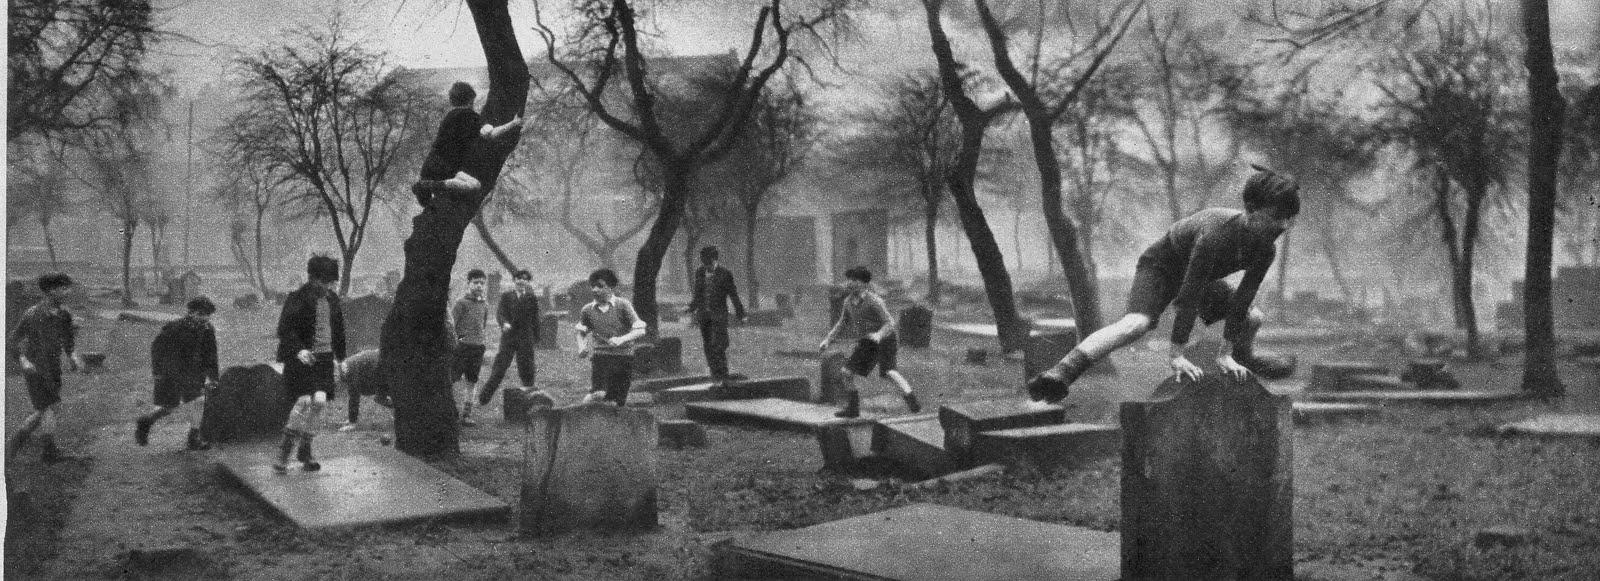 Nois jugant a un cementiri de Glasgow l'any 1948 - Llicència Creative Commons BY de Smabs Sputzer